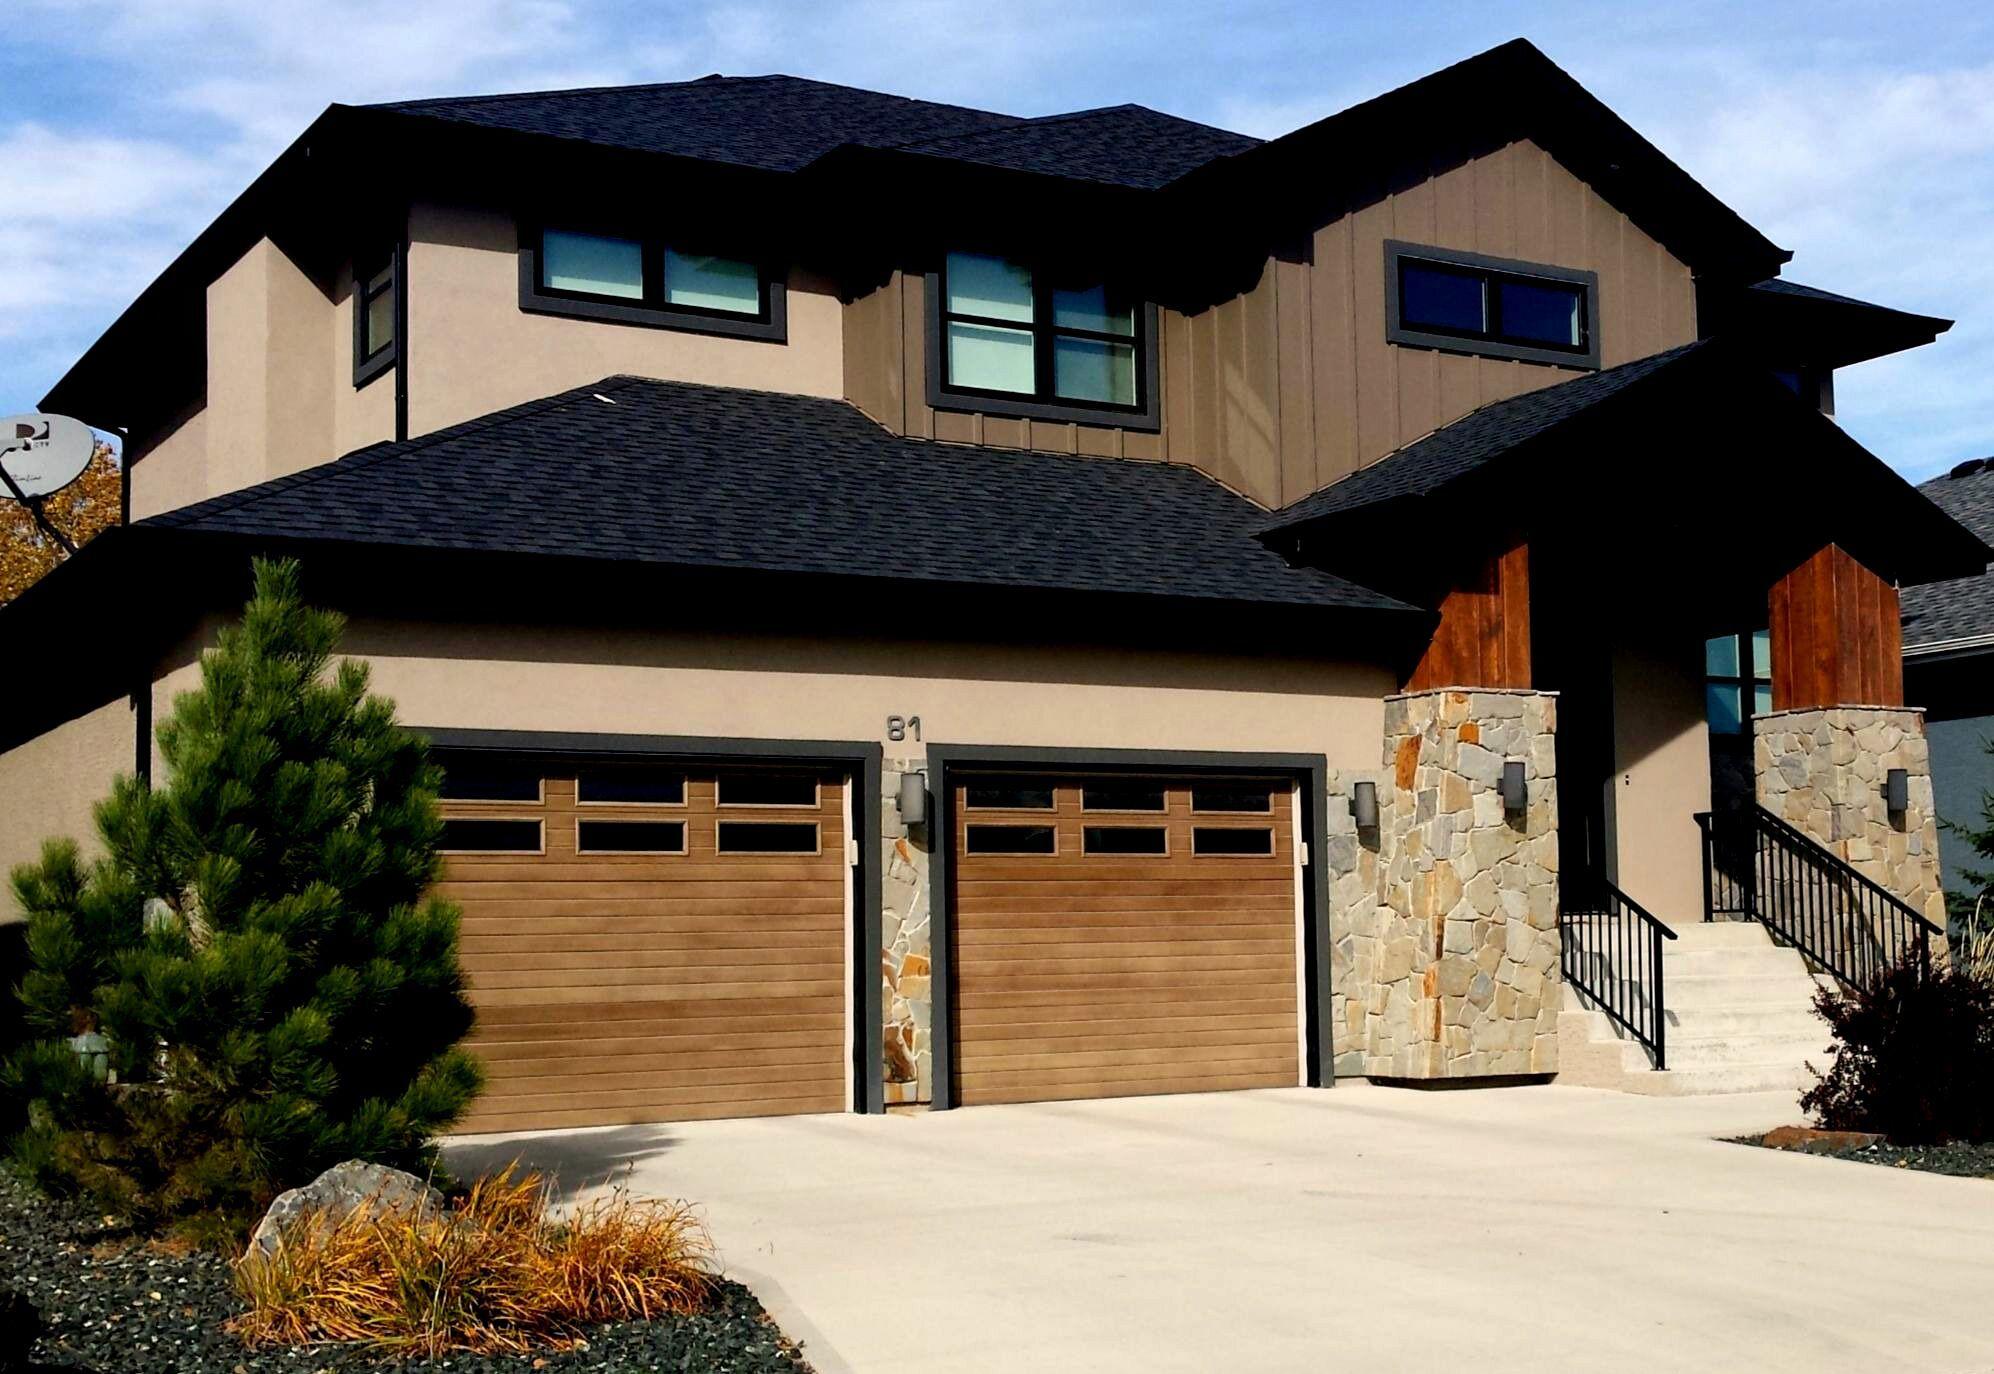 Wayne Dalton 9800 residential garage doors